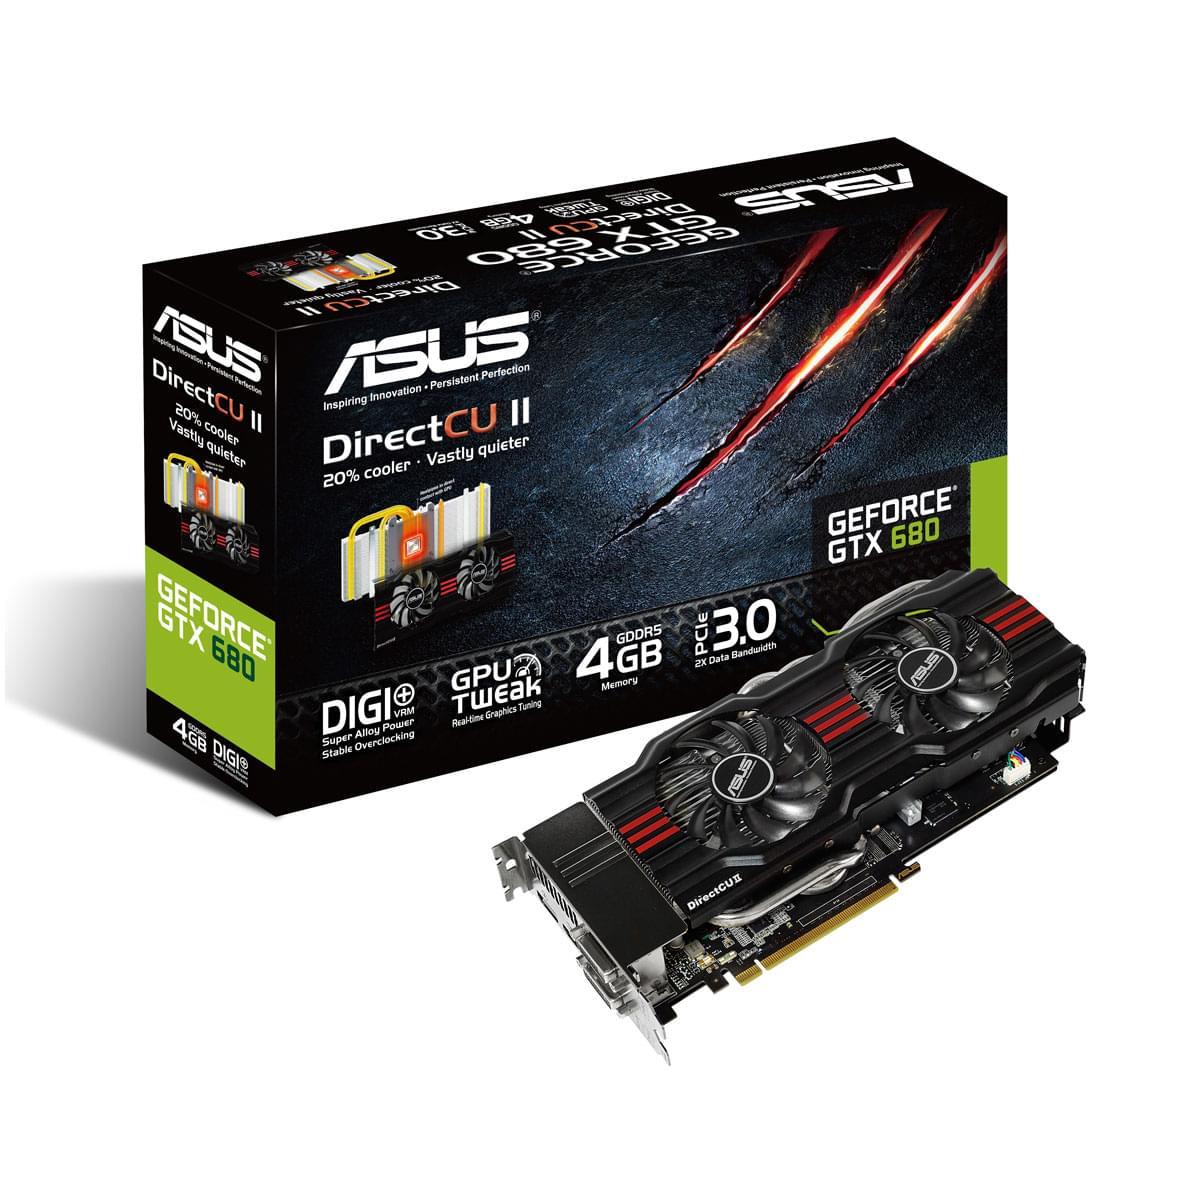 Asus GTX680-DC2-4GD5 (GTX680-DC2-4GD5 obso) - Achat / Vente Carte Graphique sur Cybertek.fr - 0